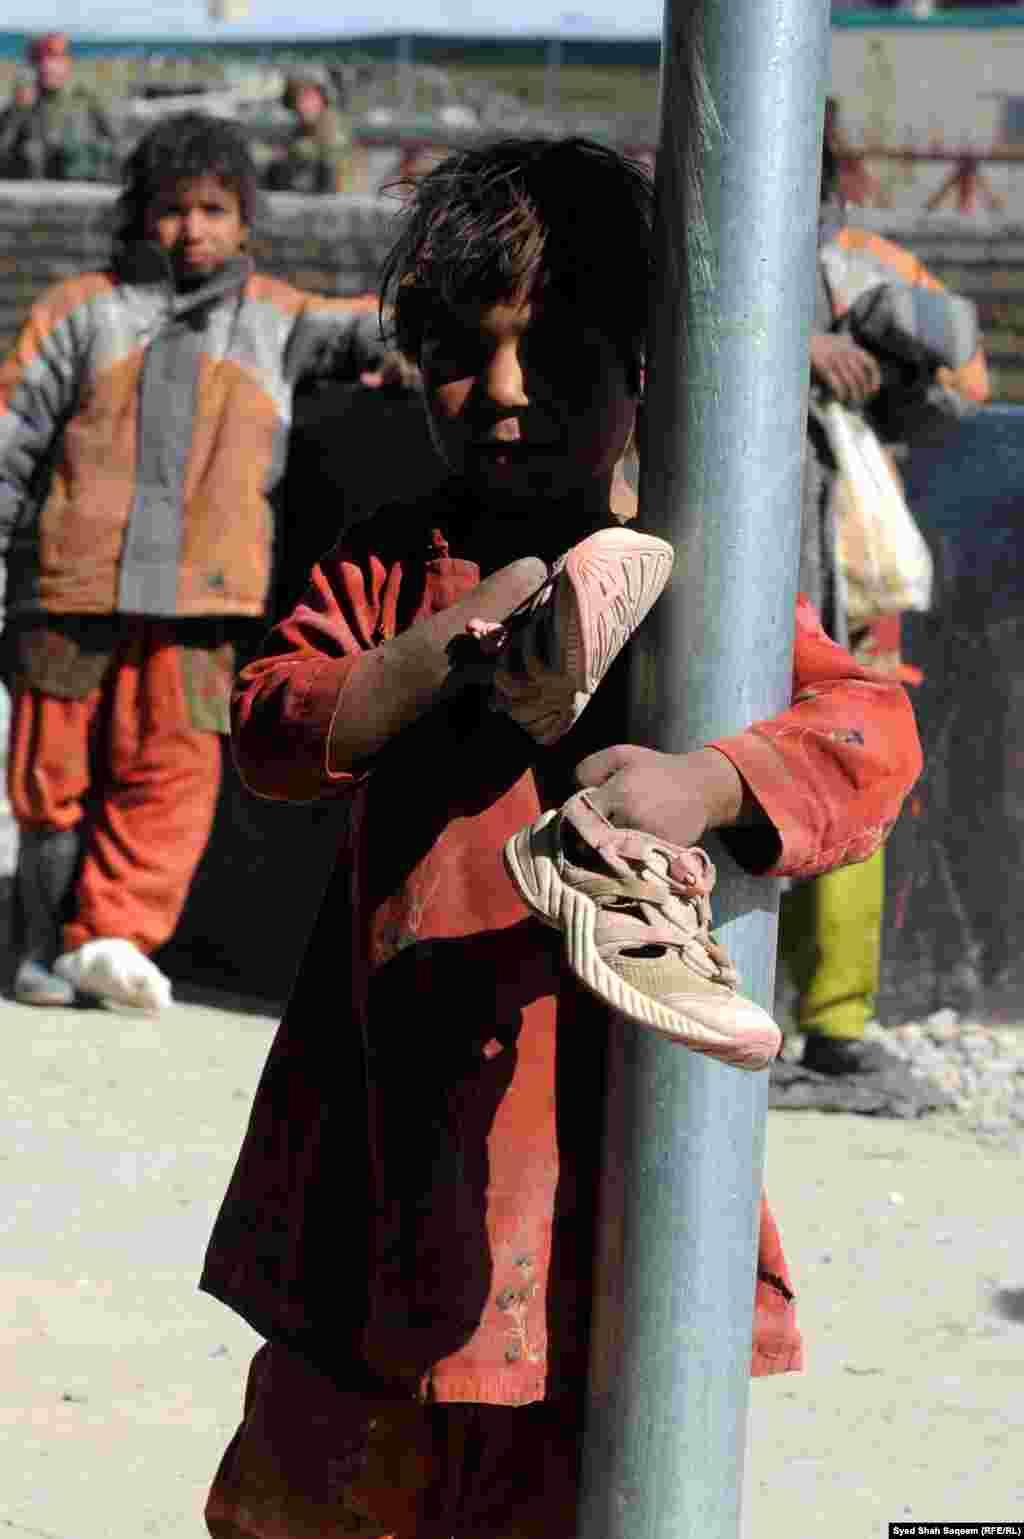 افغانستان: کندهار، یوه وړکې افغان انجلۍ پر یوې ستنې لاسونه راجاروستي دي